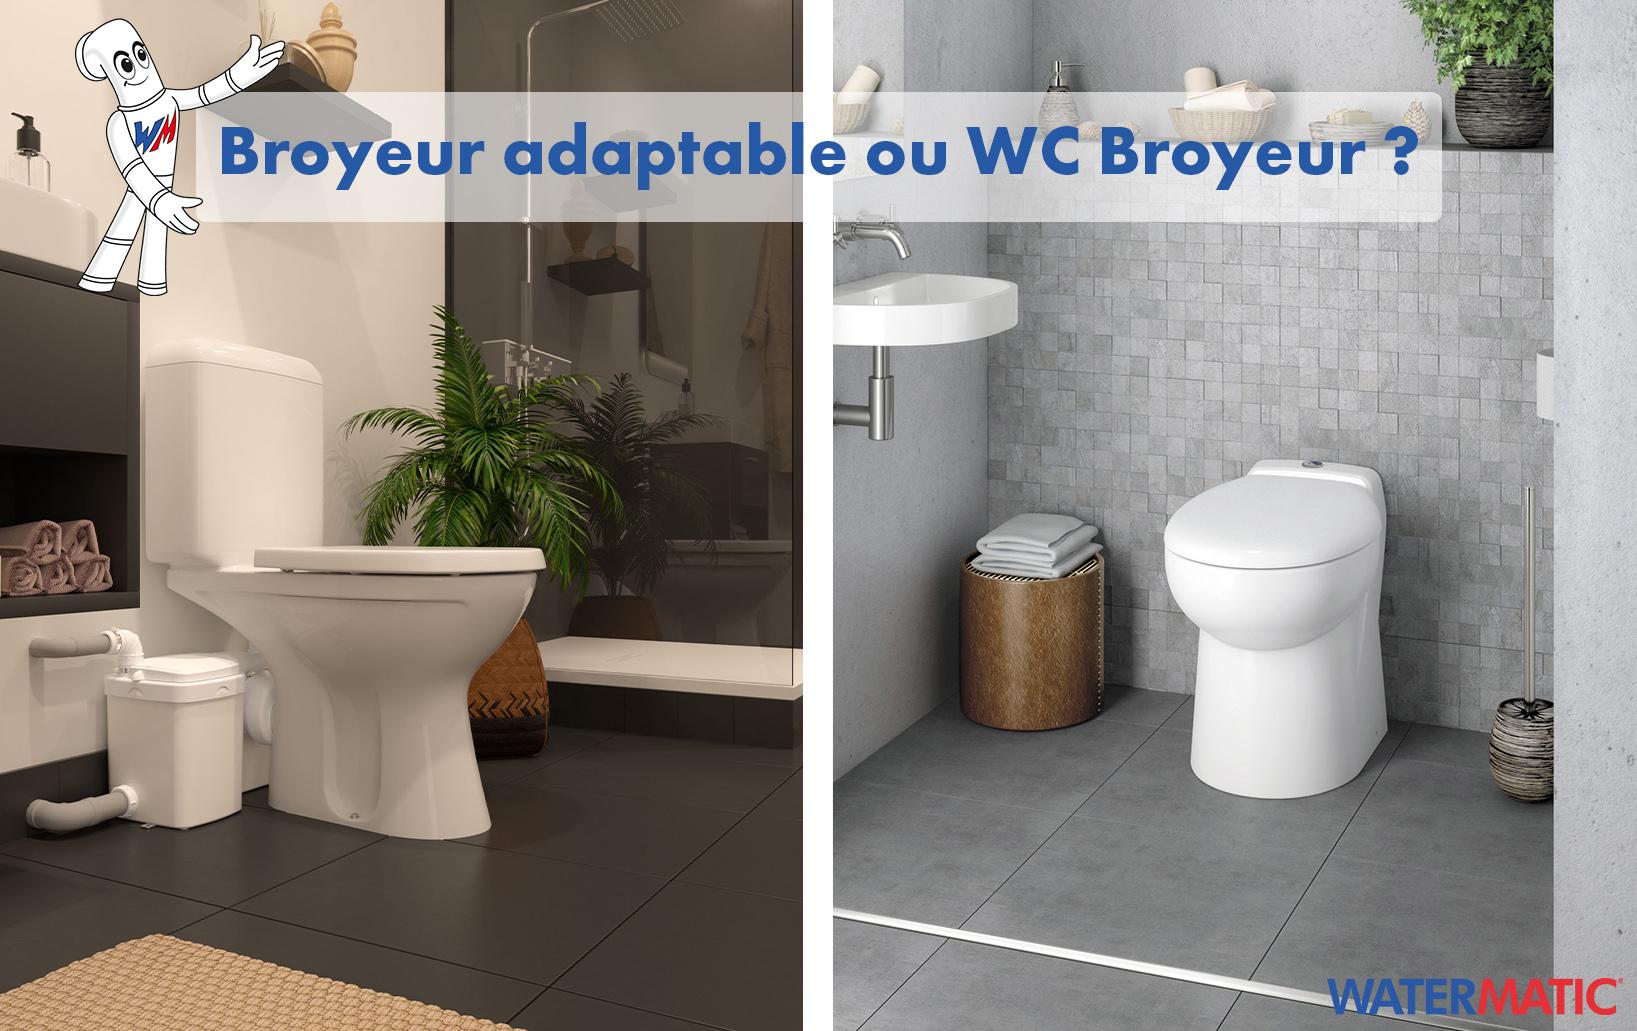 Comment choisir entre un broyeur adaptable et un WC avec broyeur intégré ?